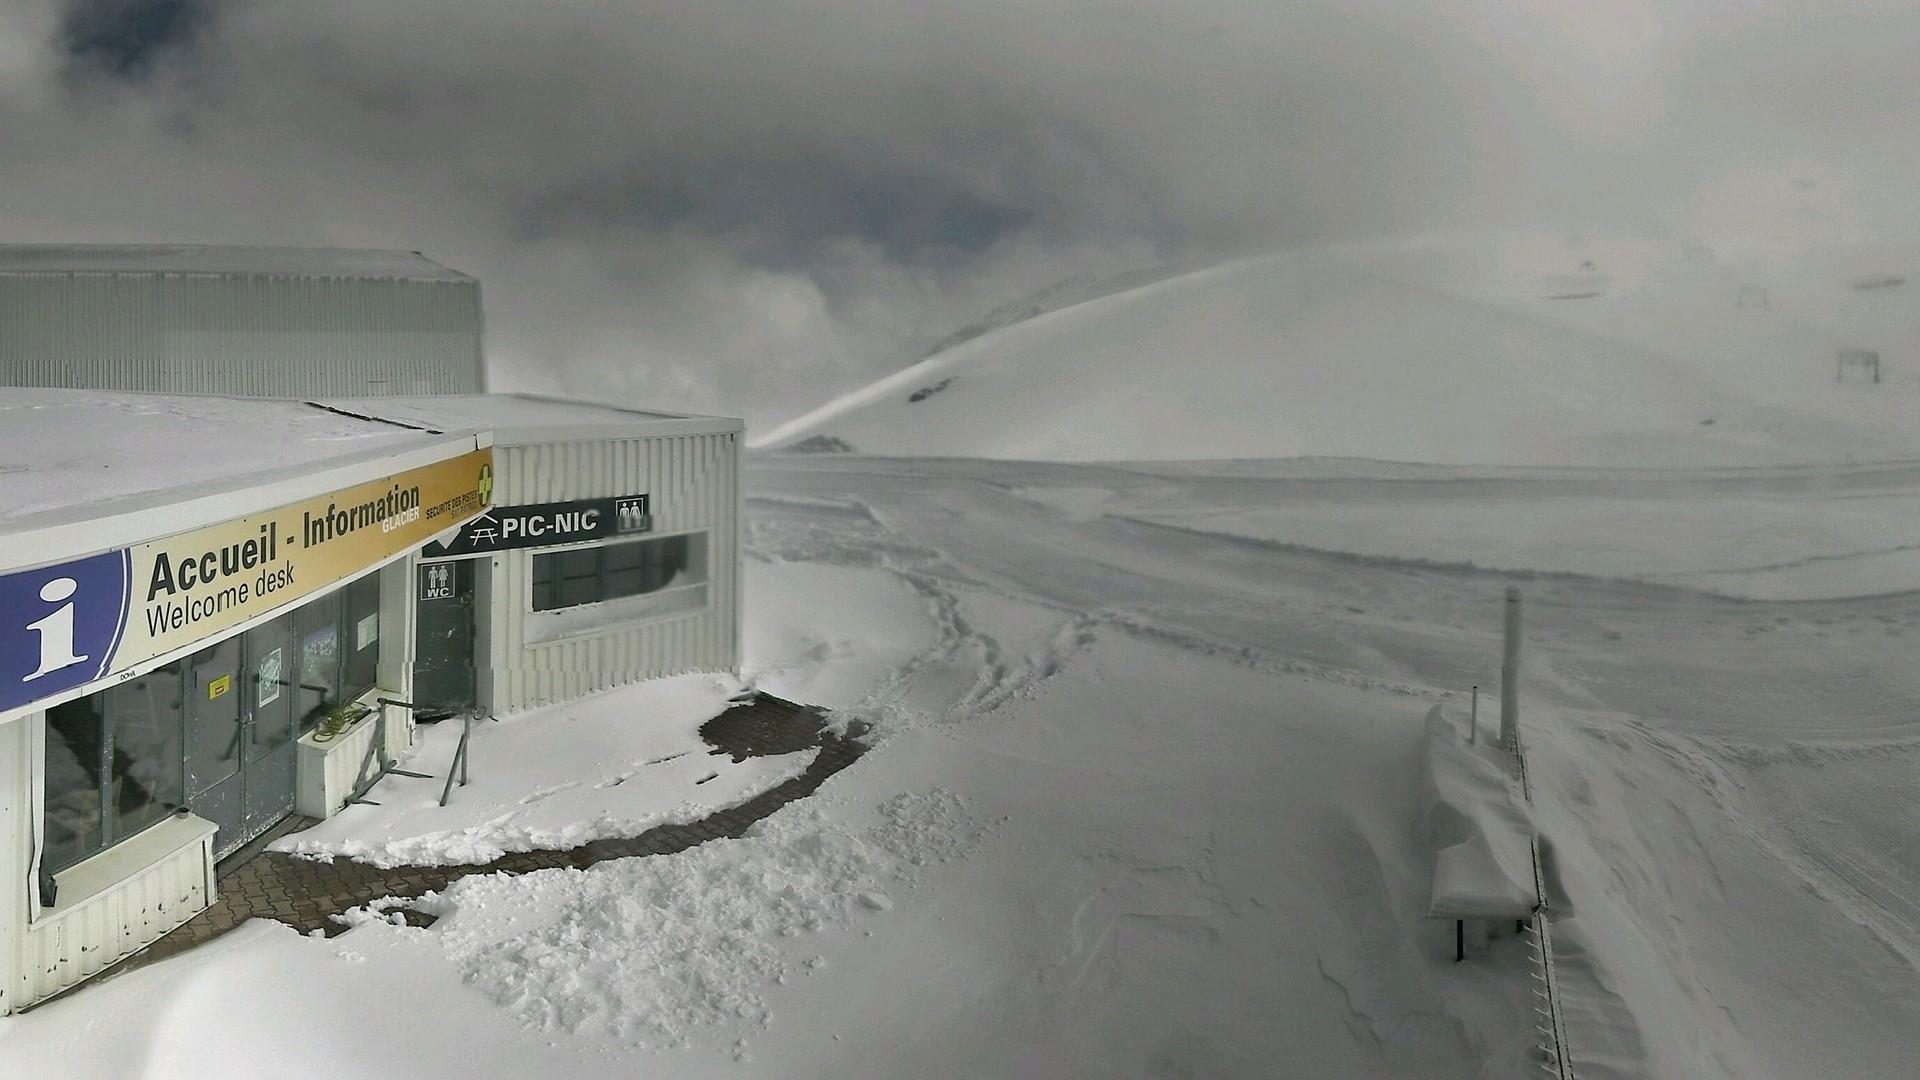 20200511_113300_mega_2alpes_restaurant-les-glaciers_1920x1080